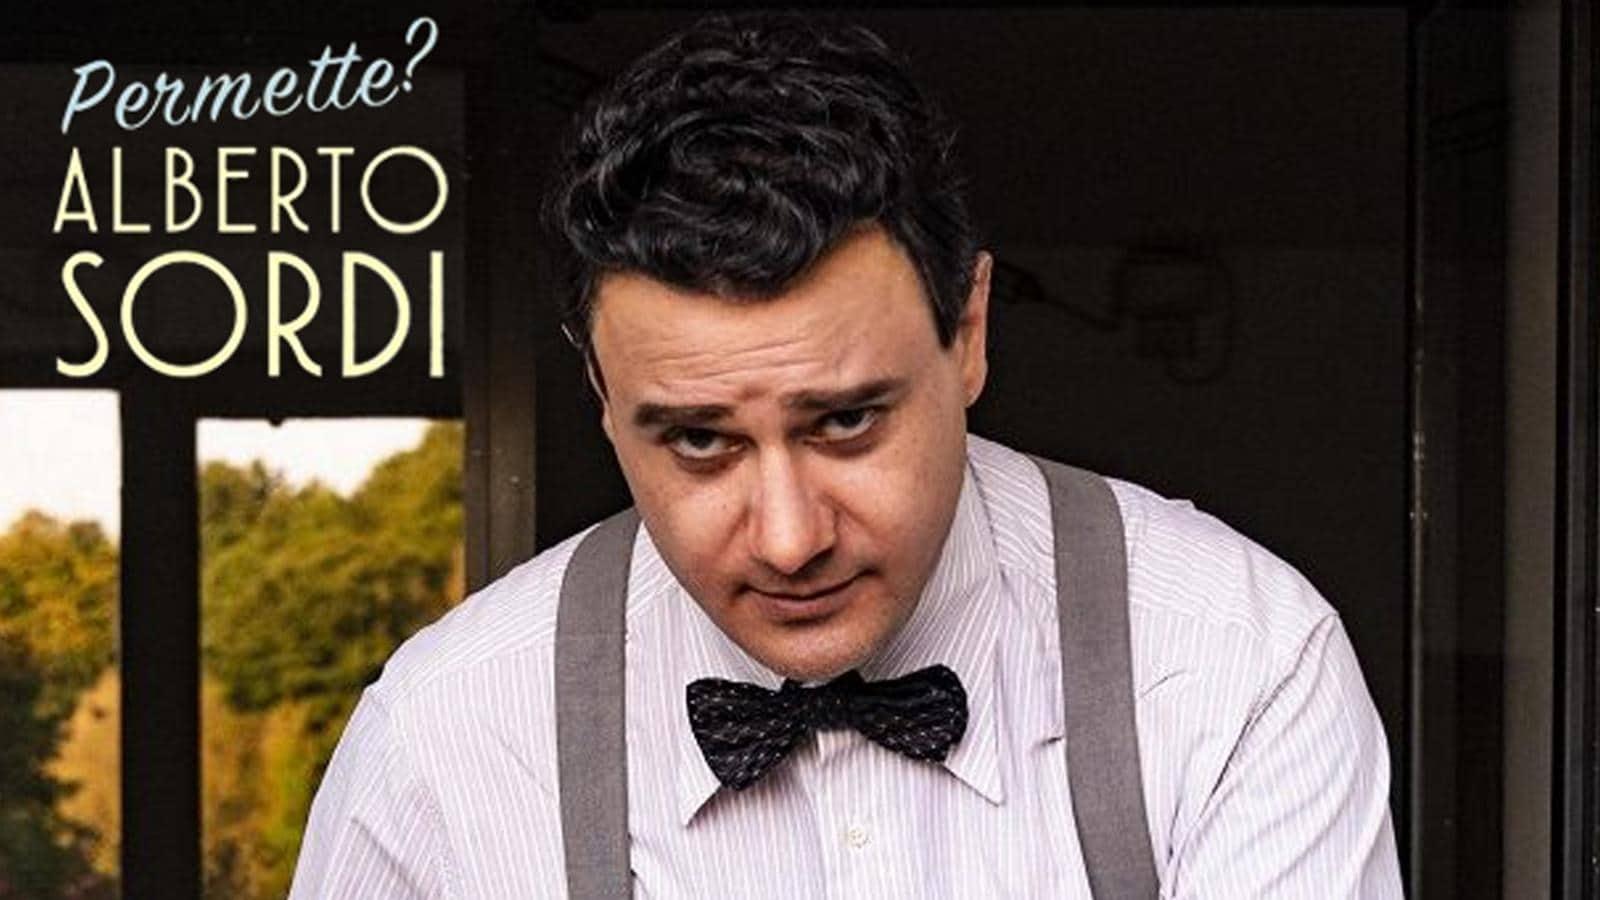 """""""Permette? Alberto Sordi"""", l'uomo dietro l'icona."""